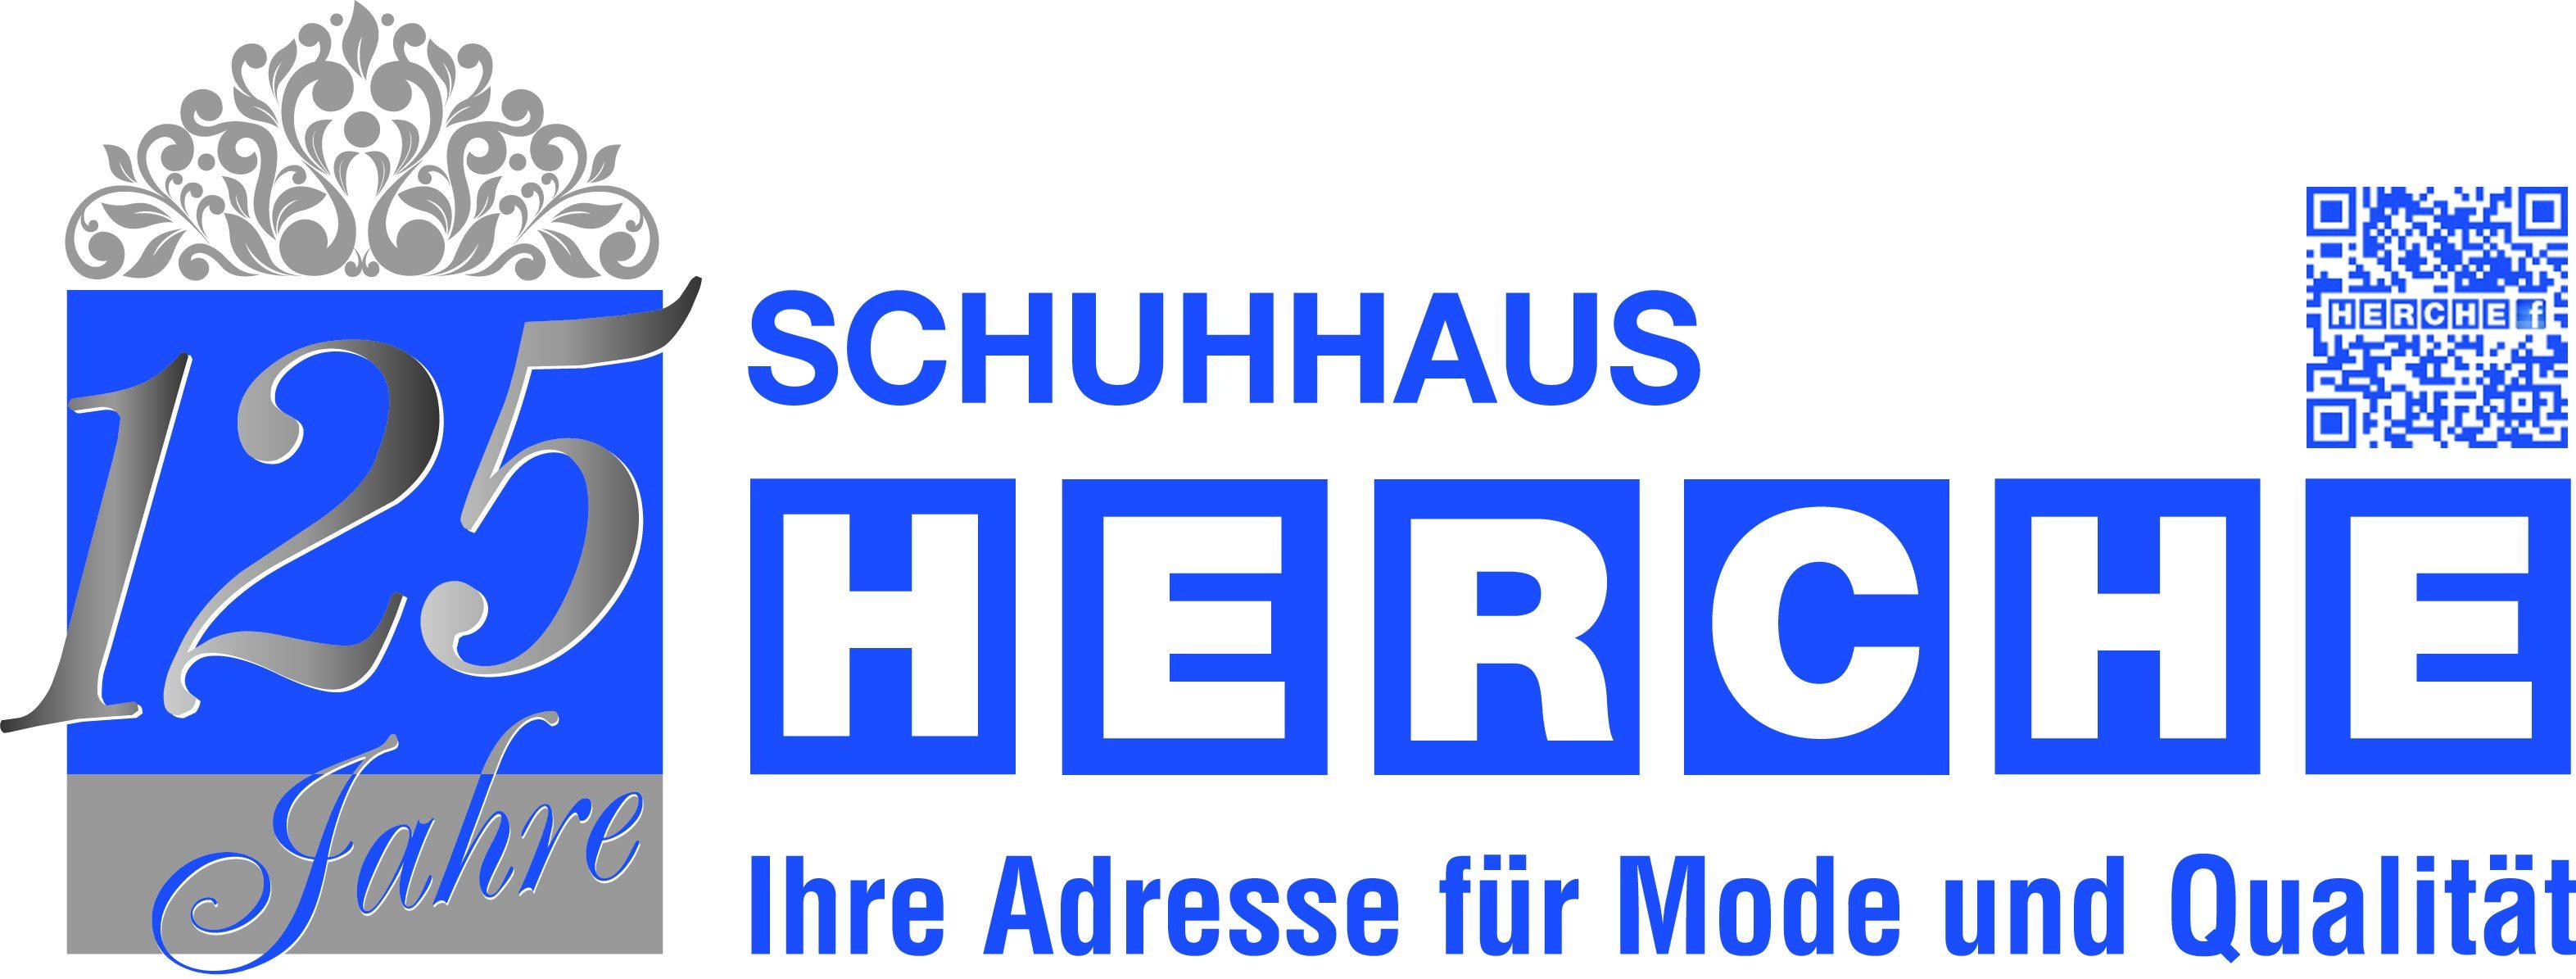 Schuhhaus Herche